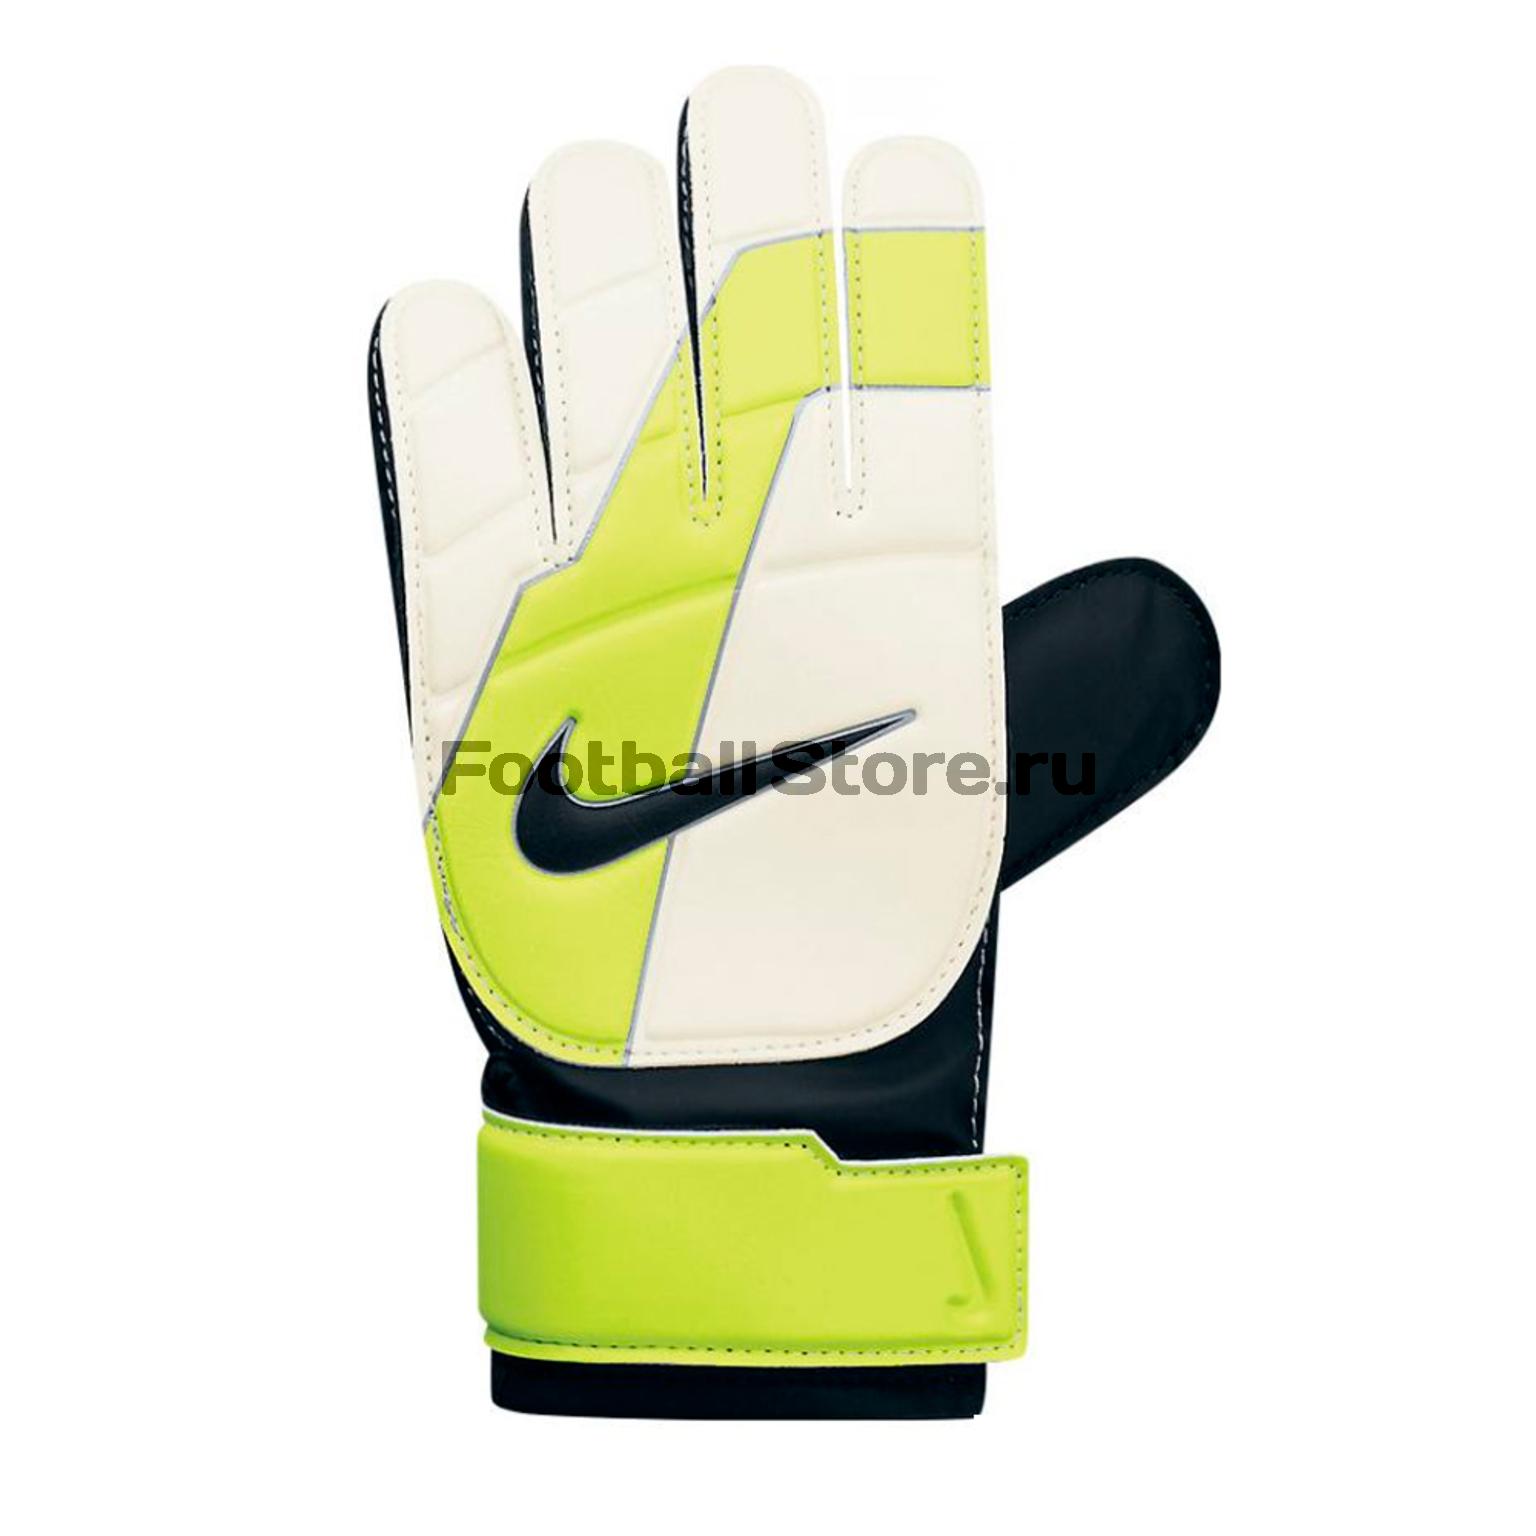 Вратарская экипировка Nike Перчатки вратарские Nike Shot Block JR GS0246-170